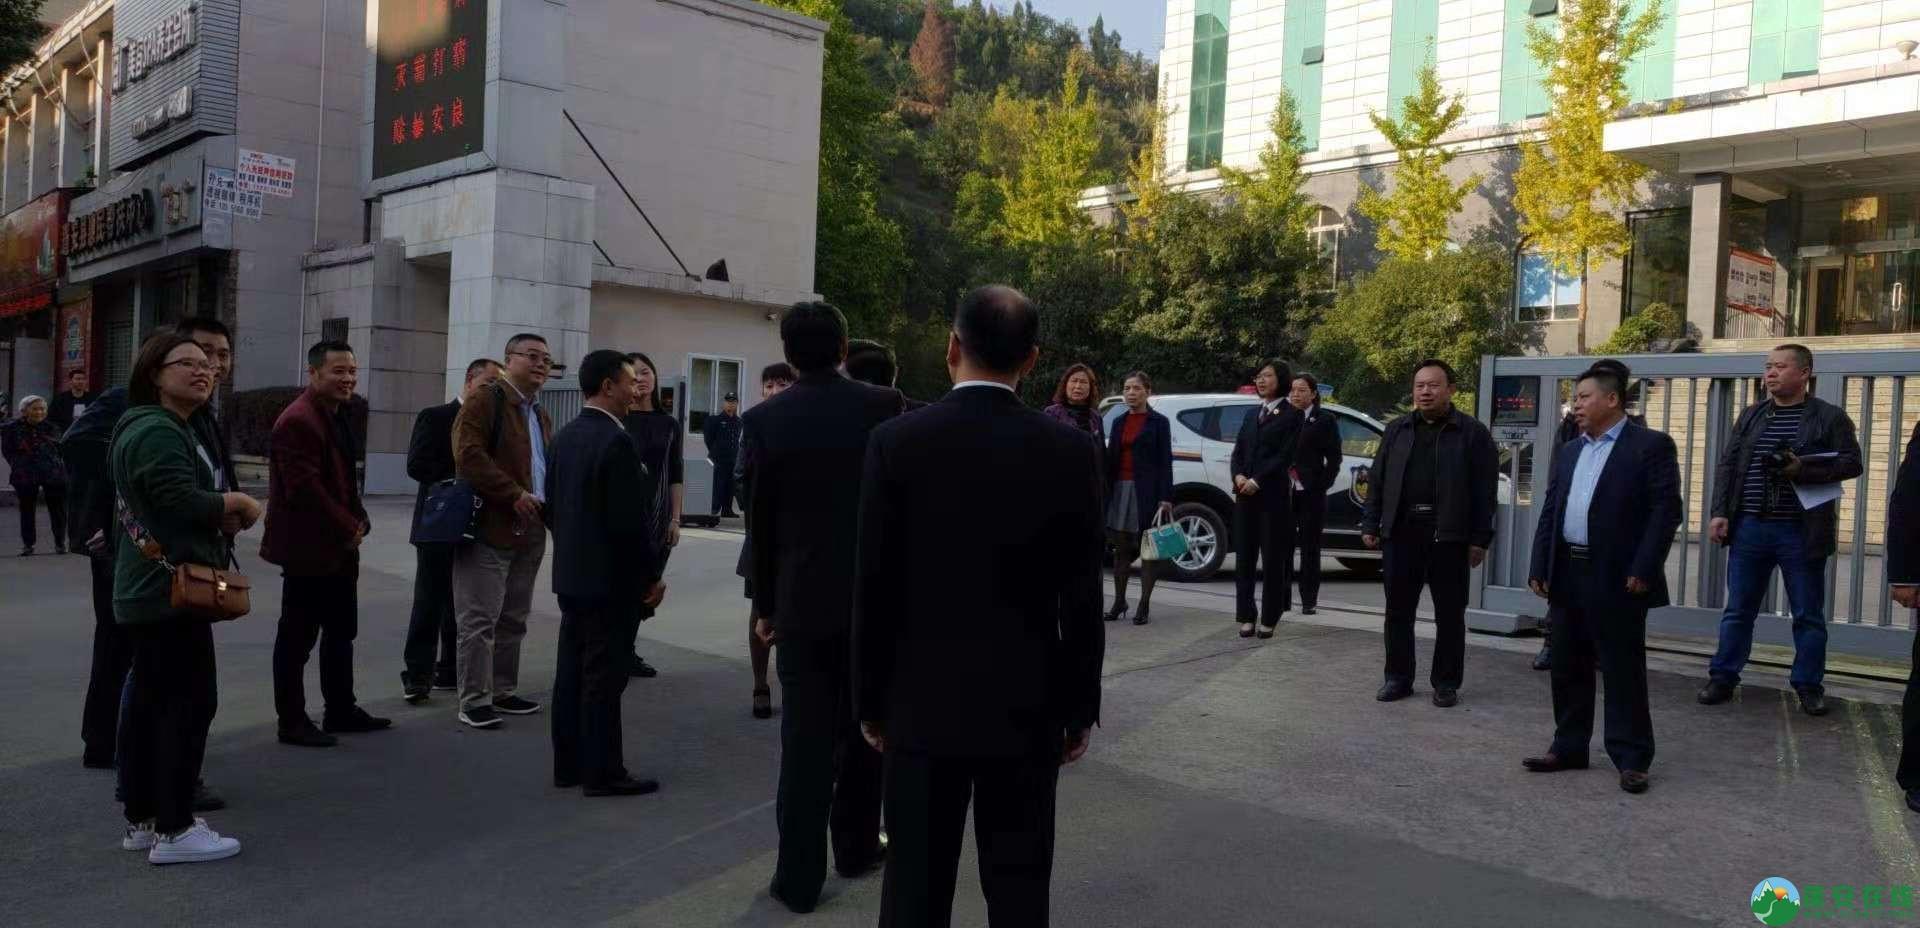 蓬安县人民检察院12309检察服务中心正式宣告挂牌成立 - 第10张  | 蓬安在线